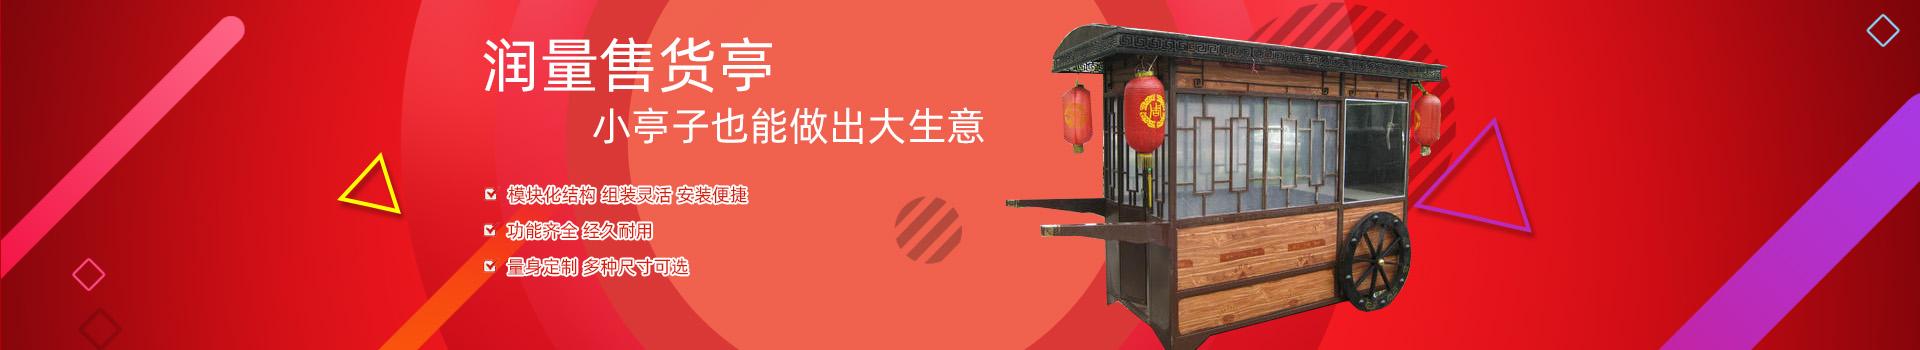 润量岗亭-上海18年专注岗亭研发制造